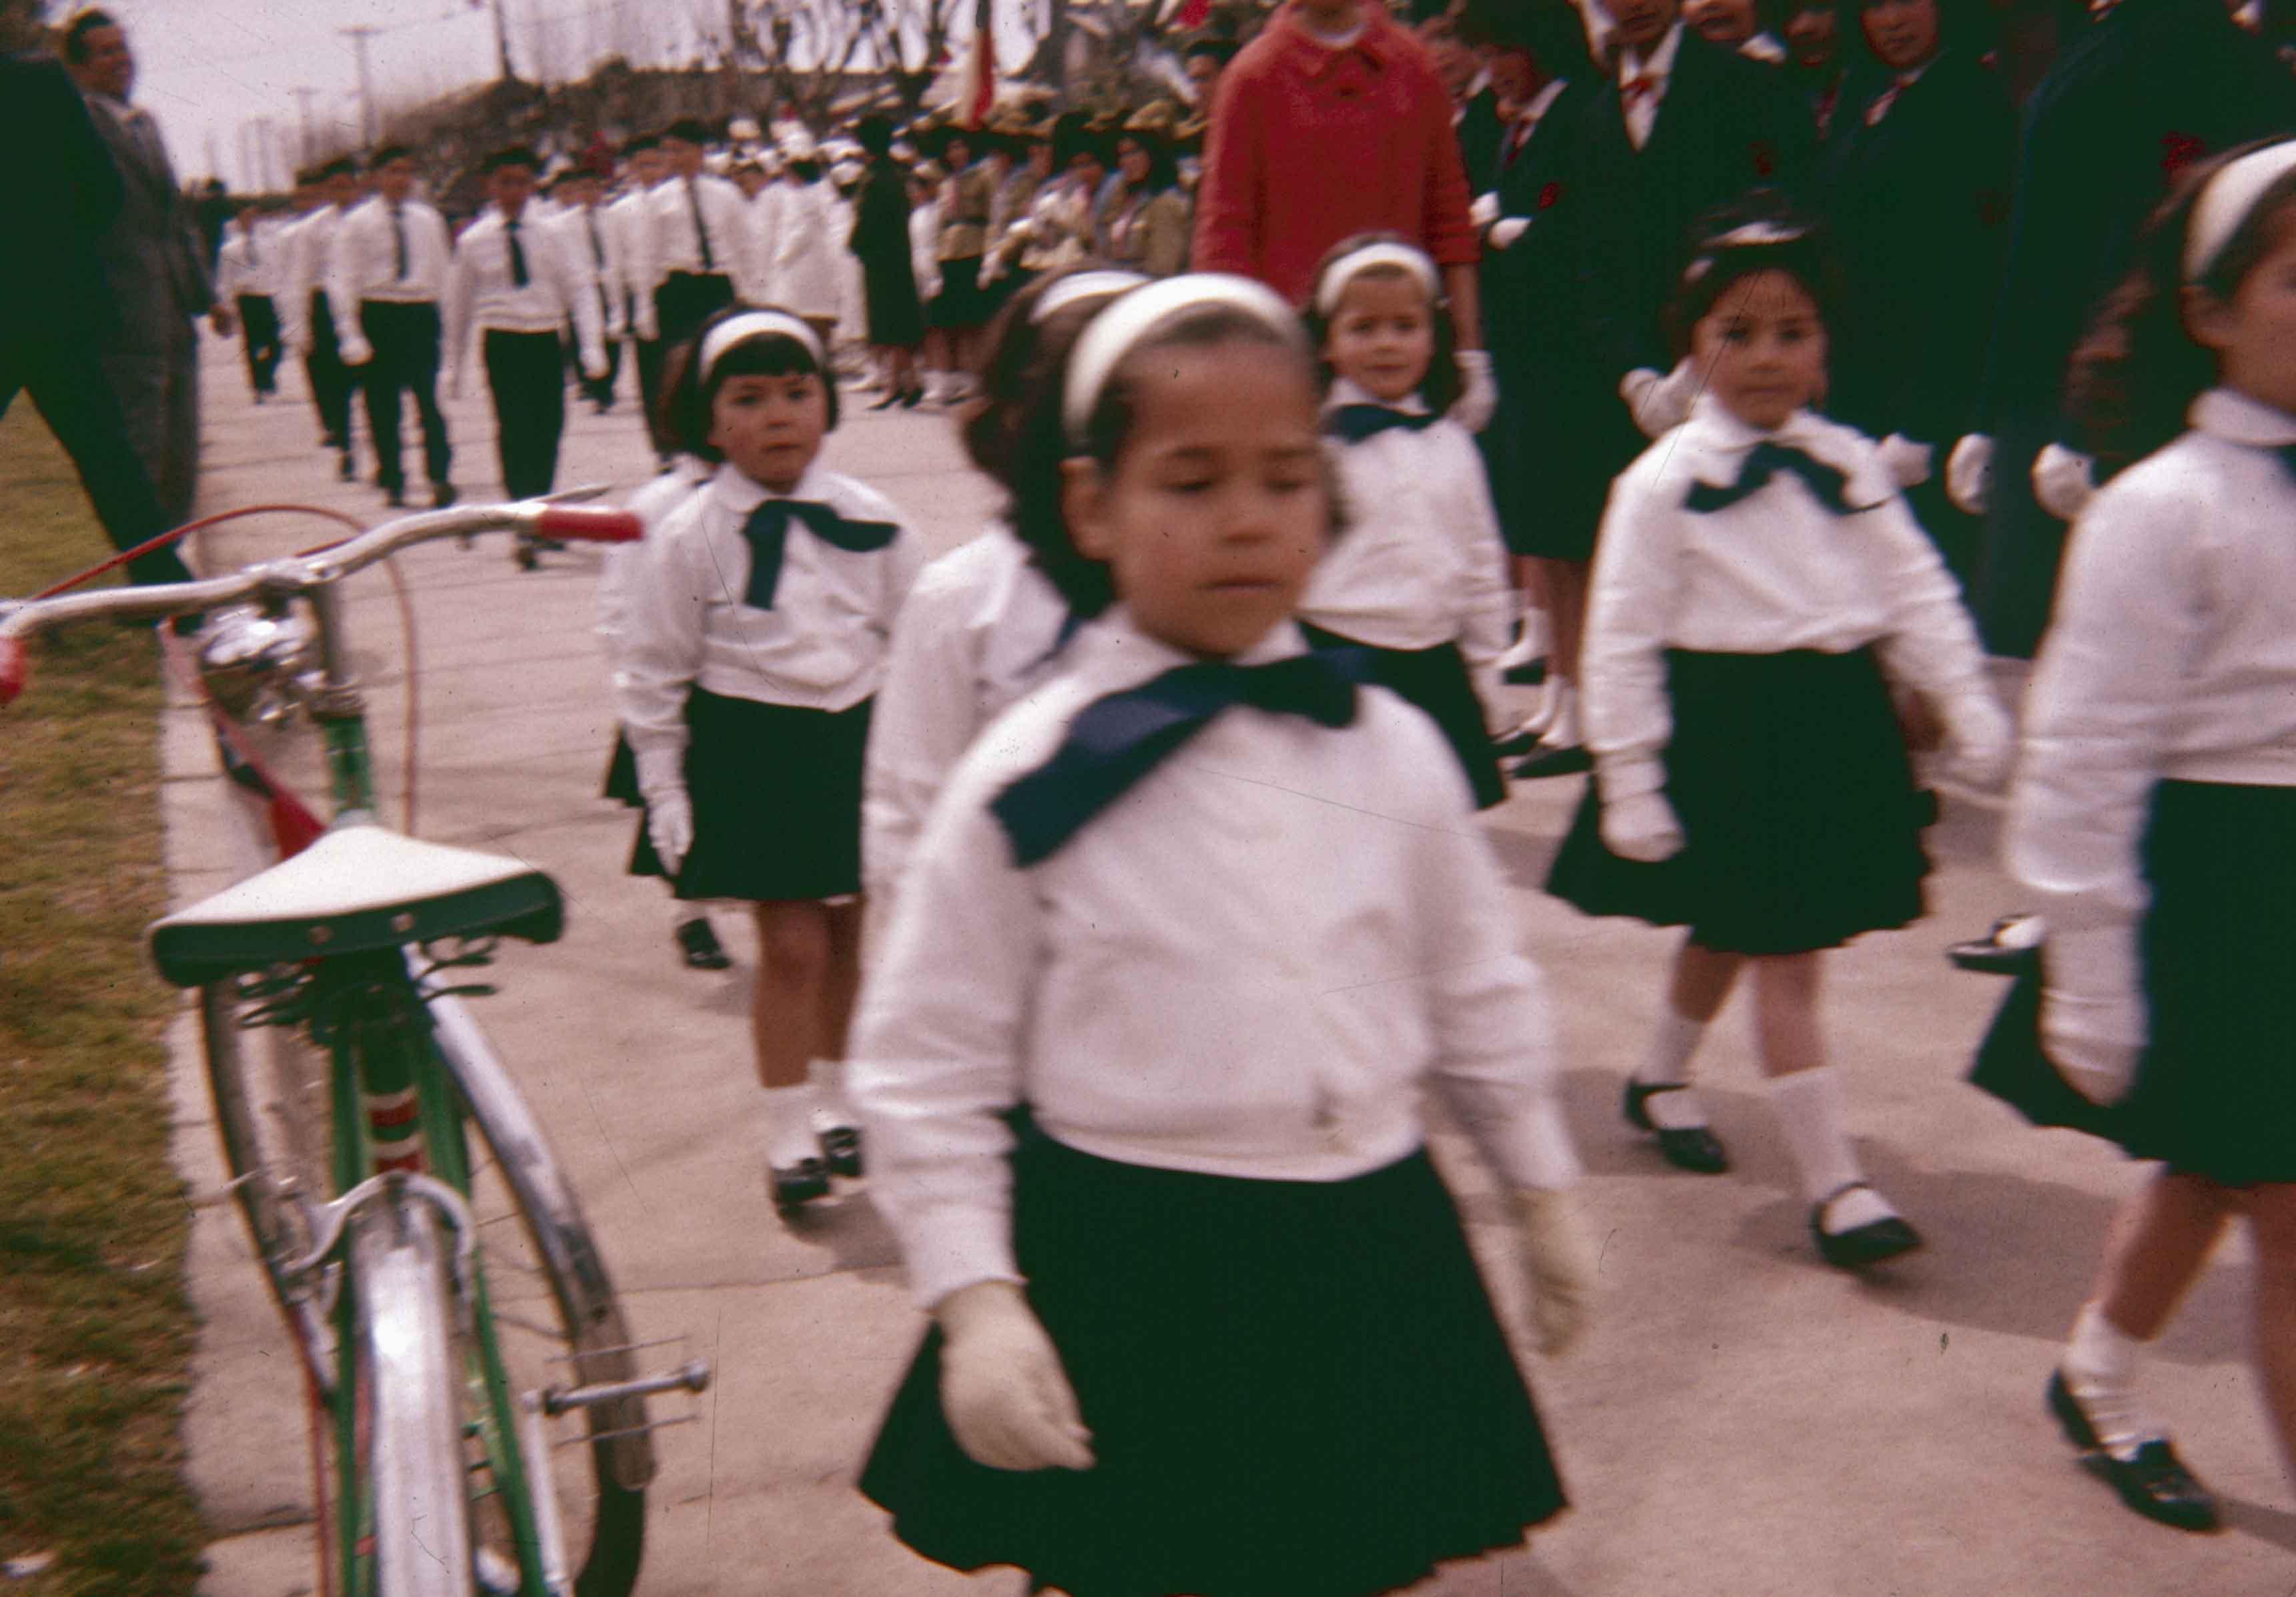 Enterreno - Fotos históricas de chile - fotos antiguas de Chile - Desfile, Teno en los años 60